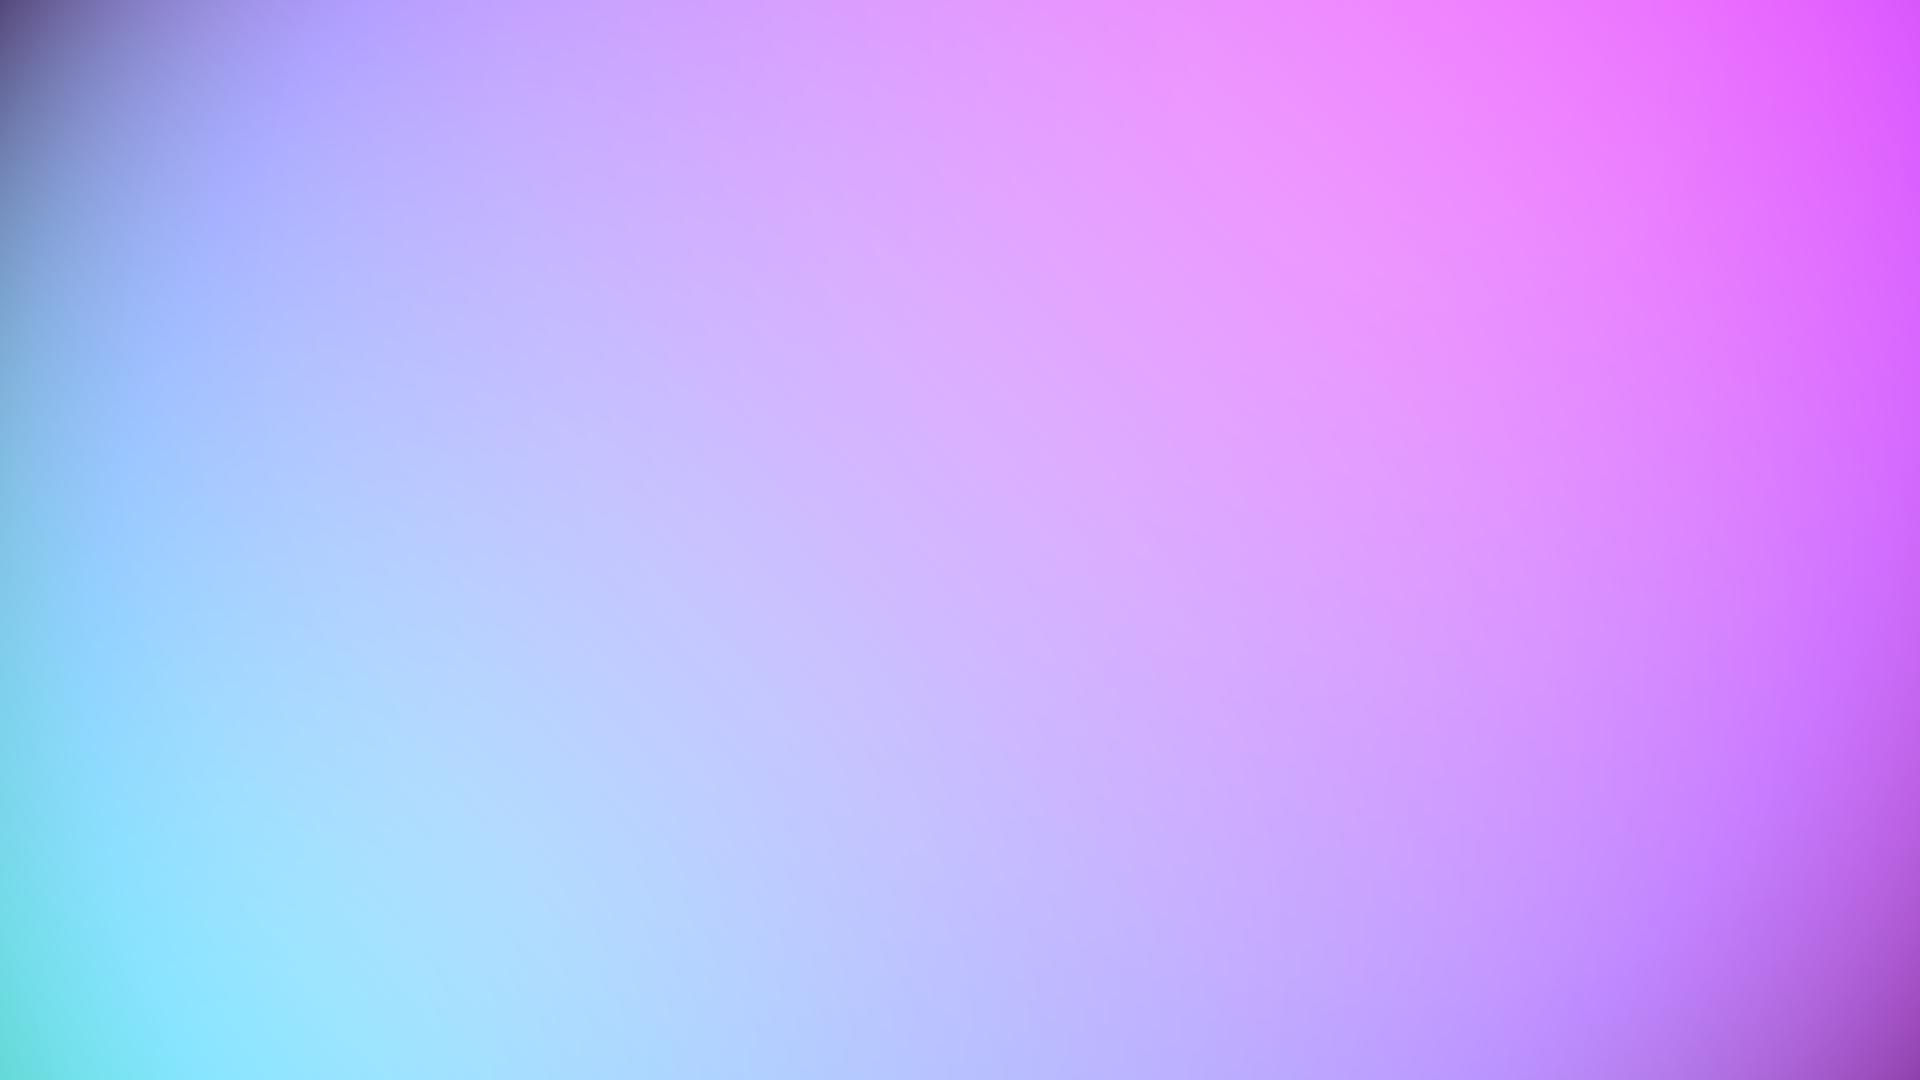 minimalistic gaussian blur gradient 1920x1080 wallpaper